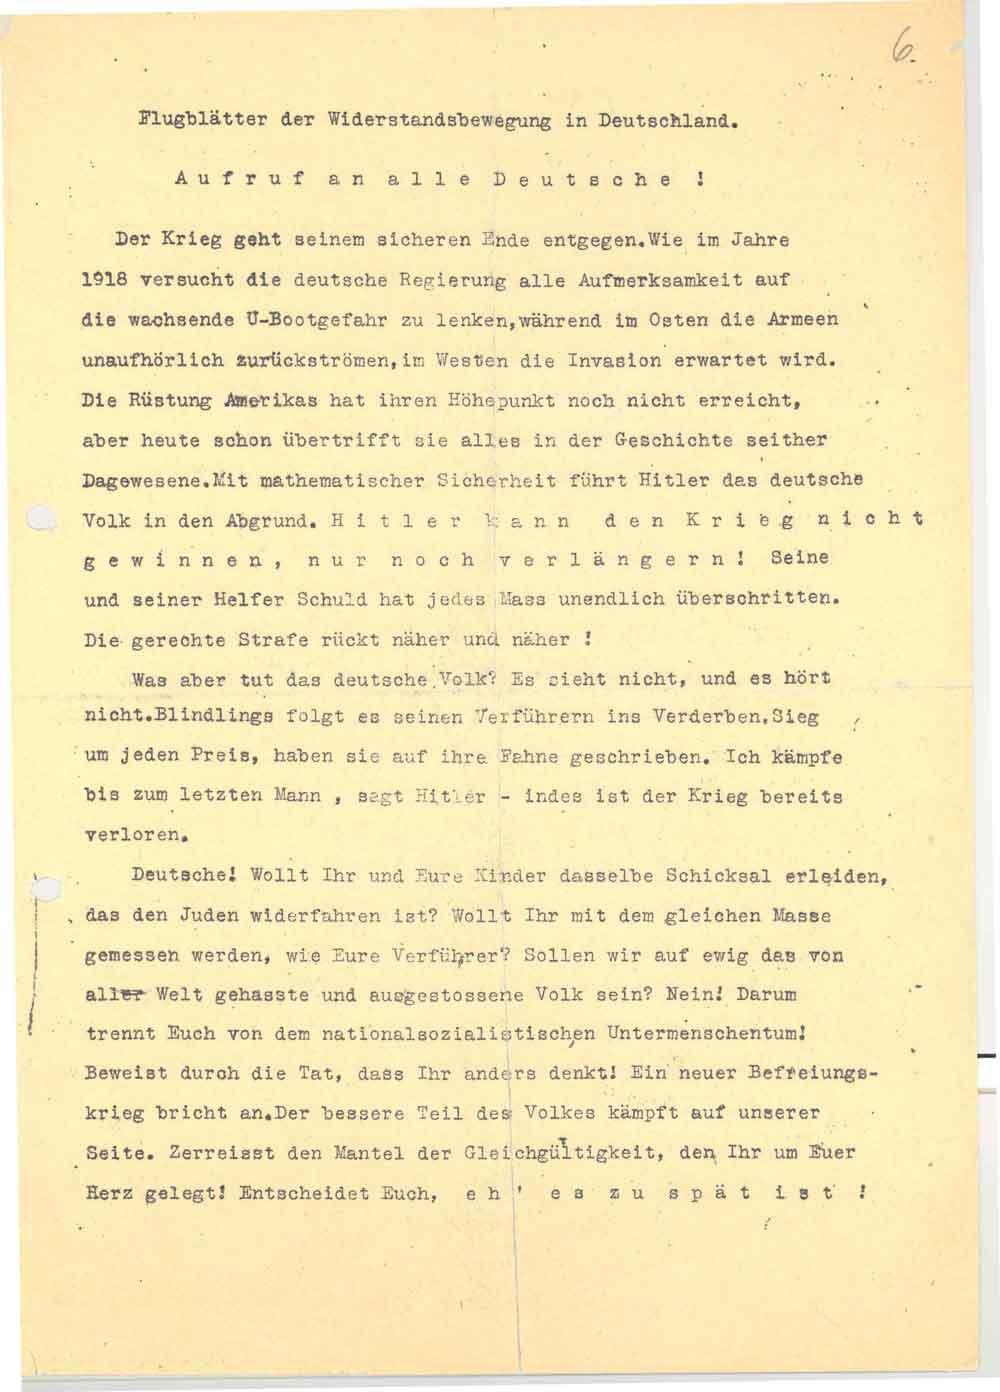 Zusammenfassung Aufruf an alle Deutsche! Flugblatt Nr. 5 der Weißen ...